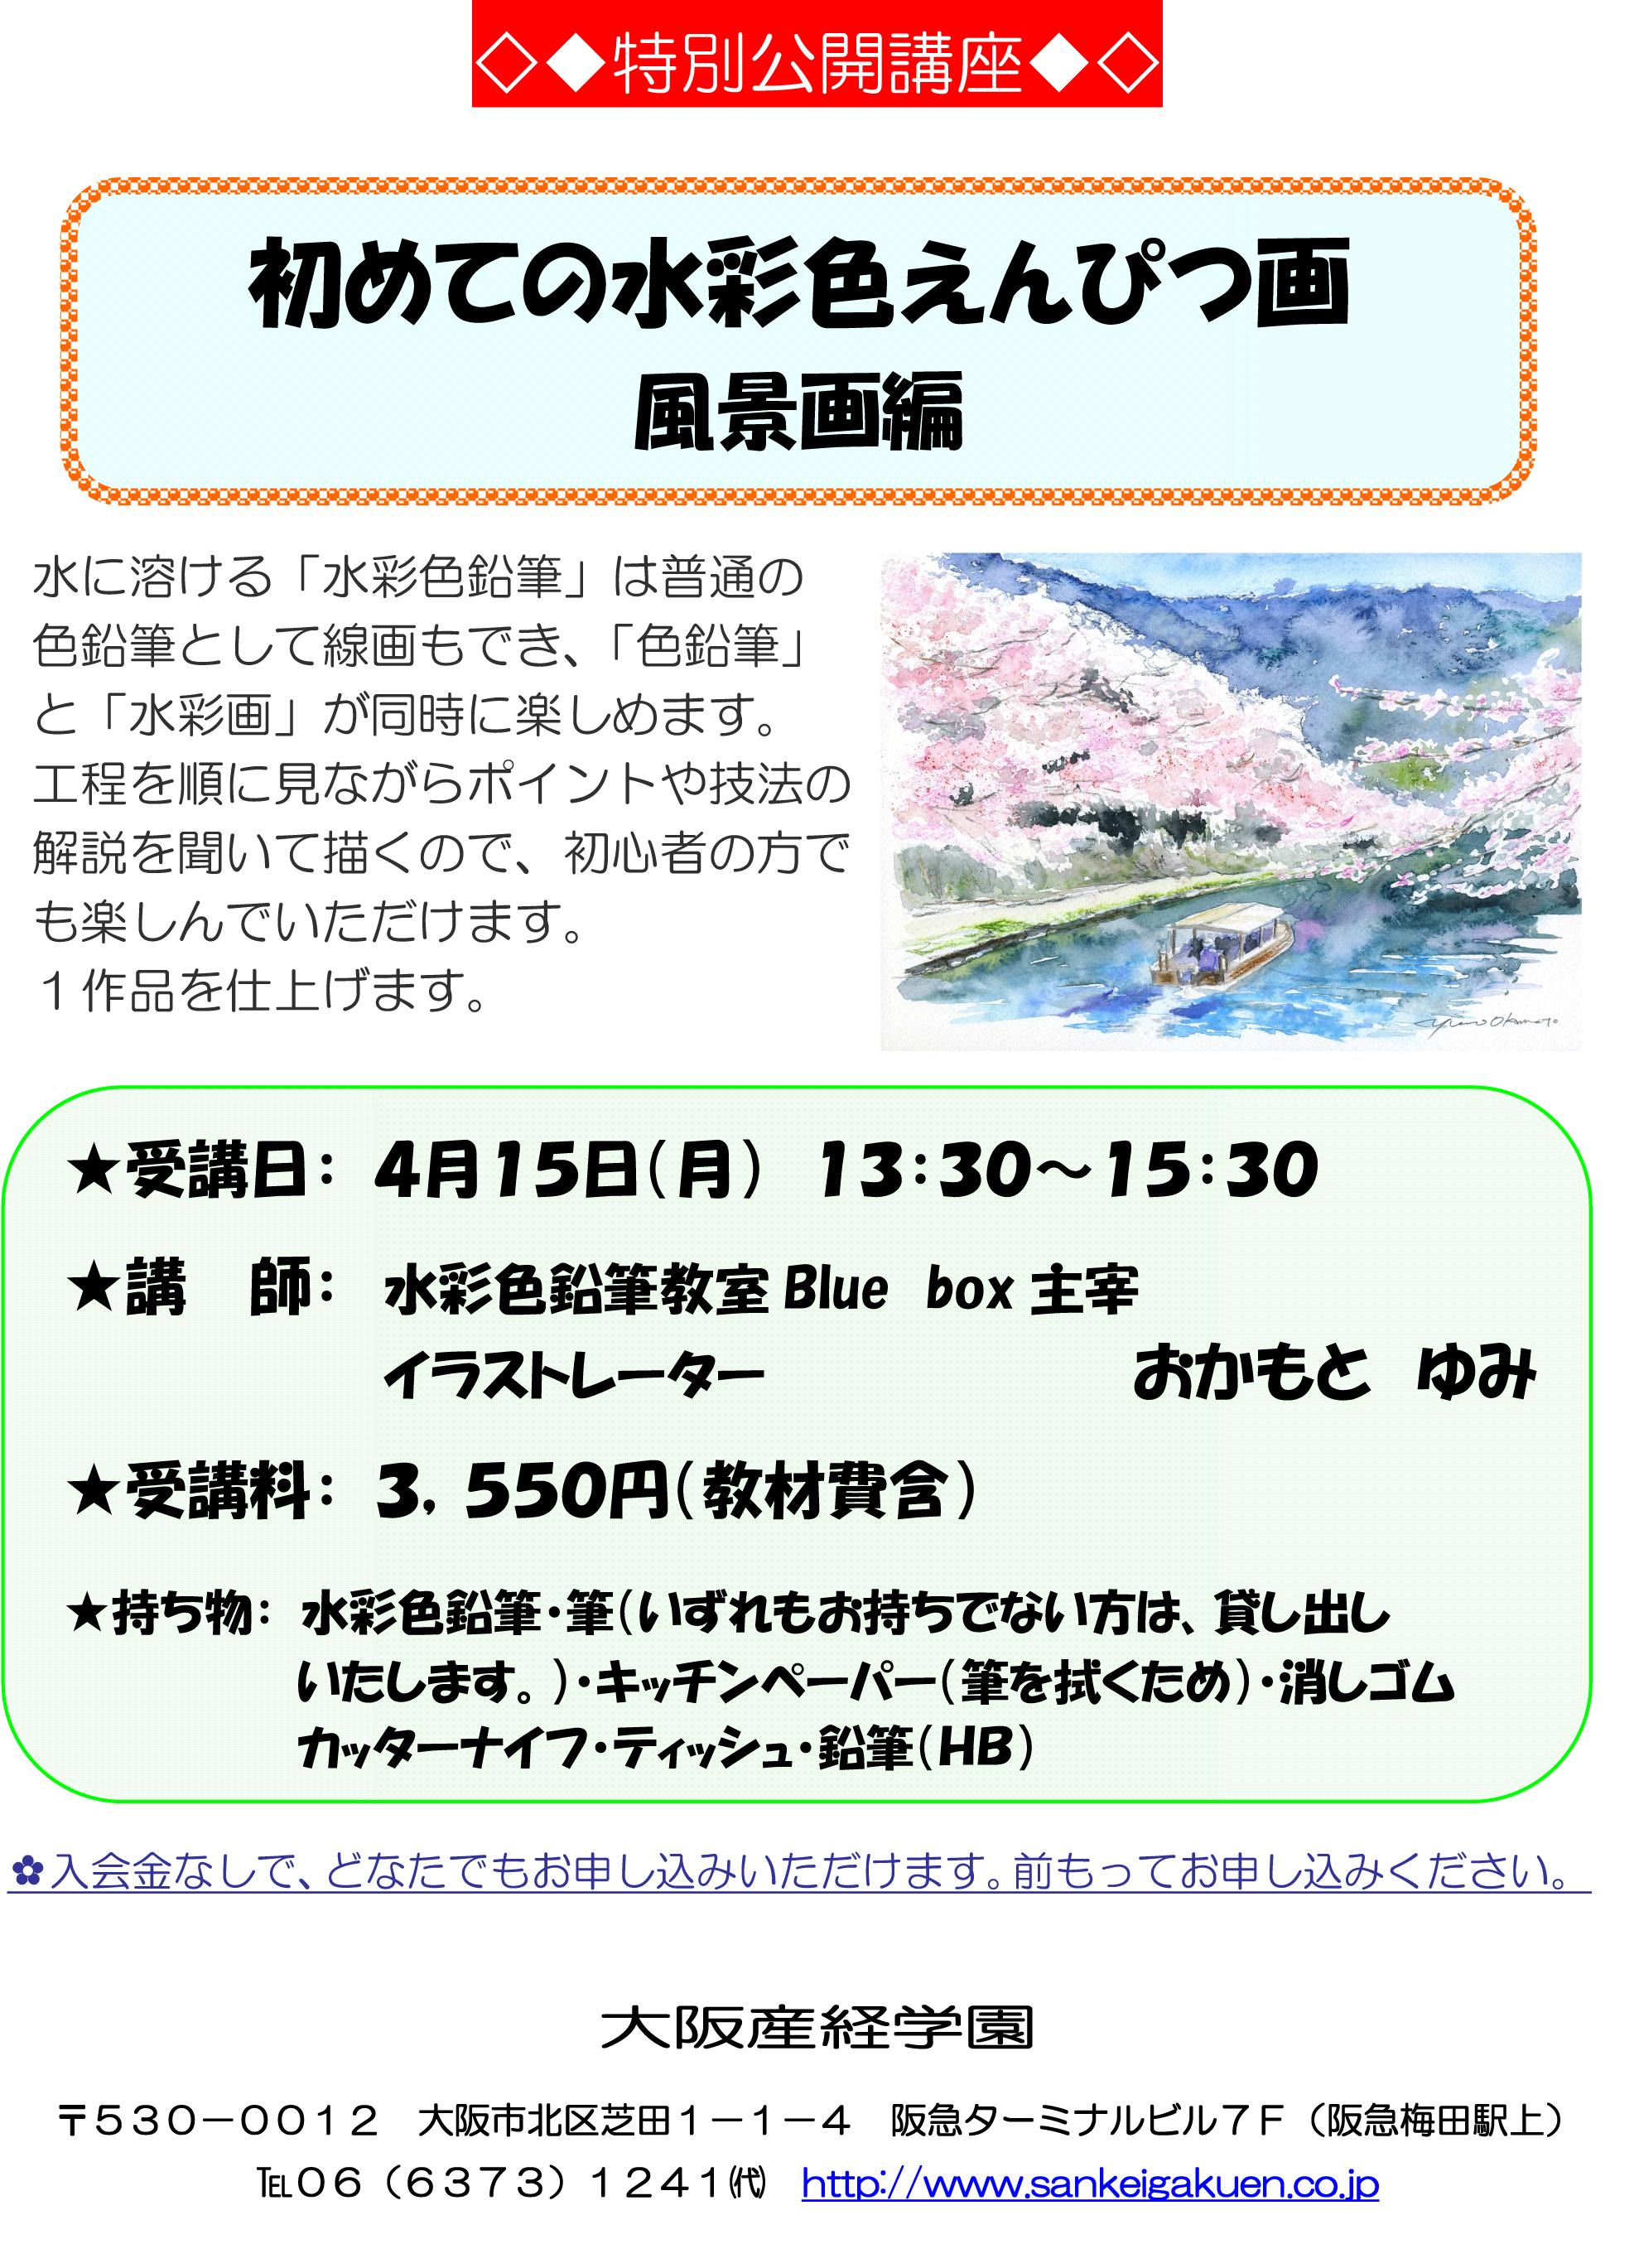 130415 大阪産経学園